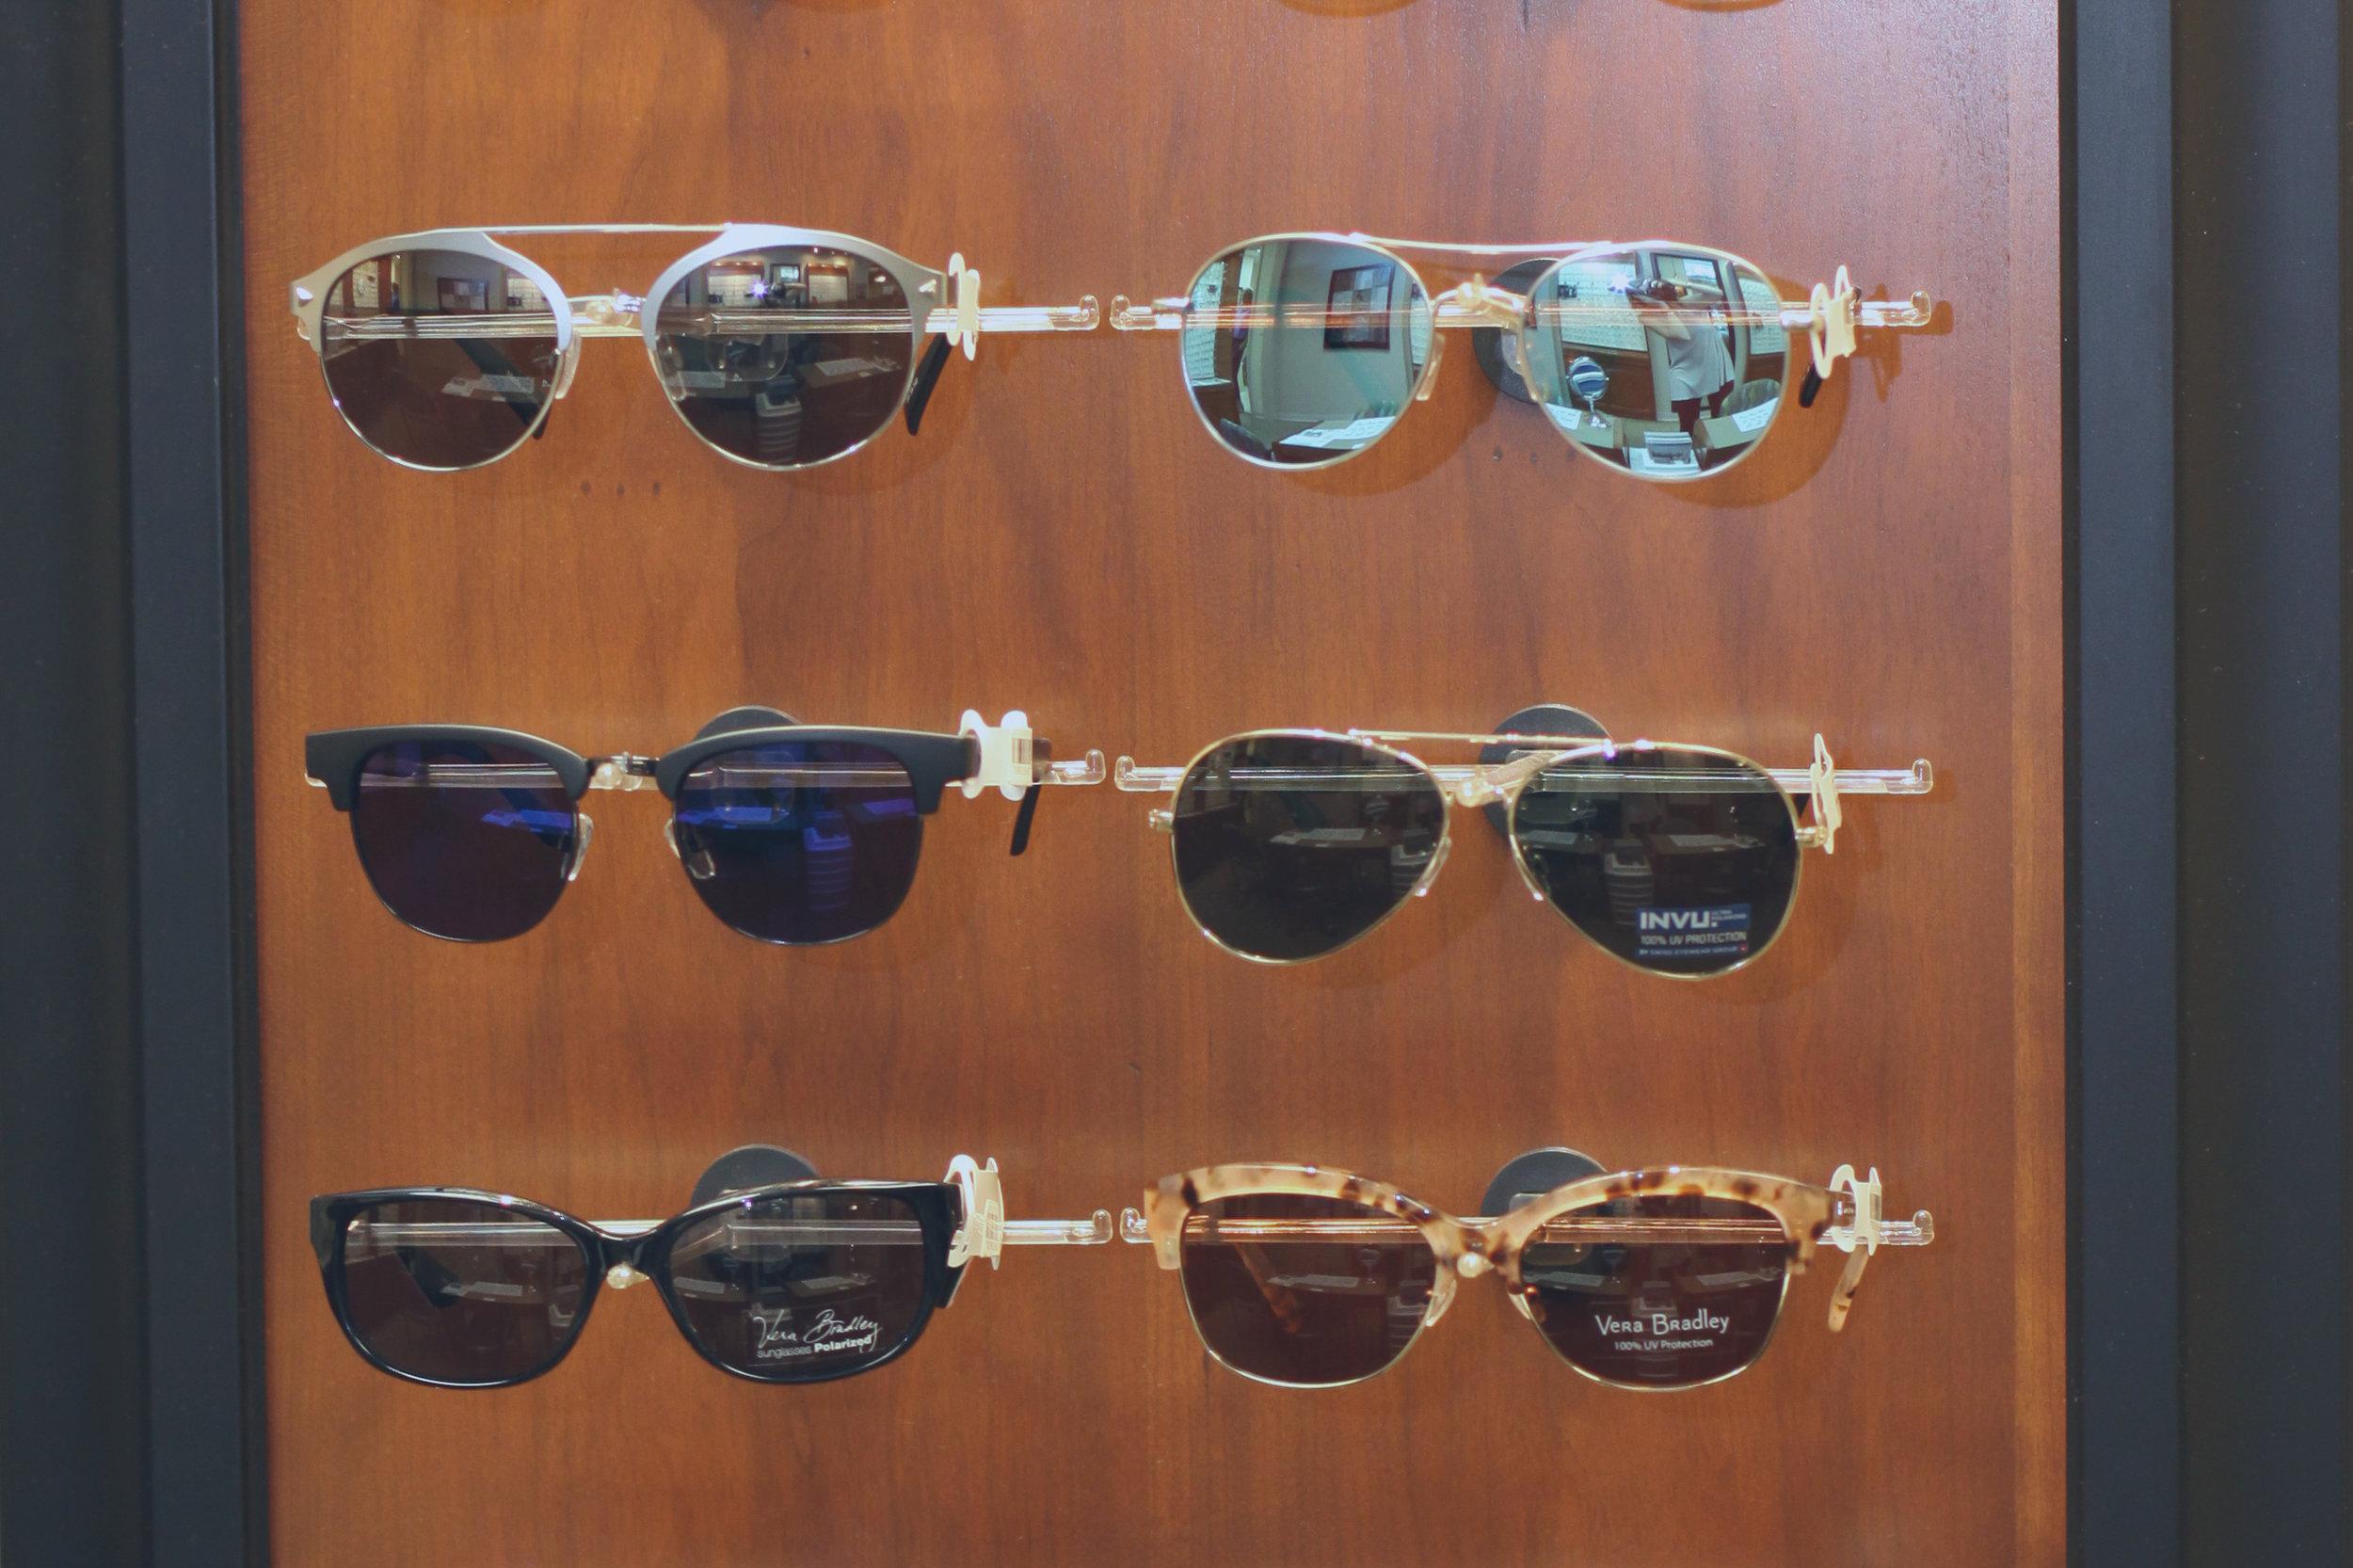 McFarland Eye Care Optical - Little Rock Optical (6).jpg